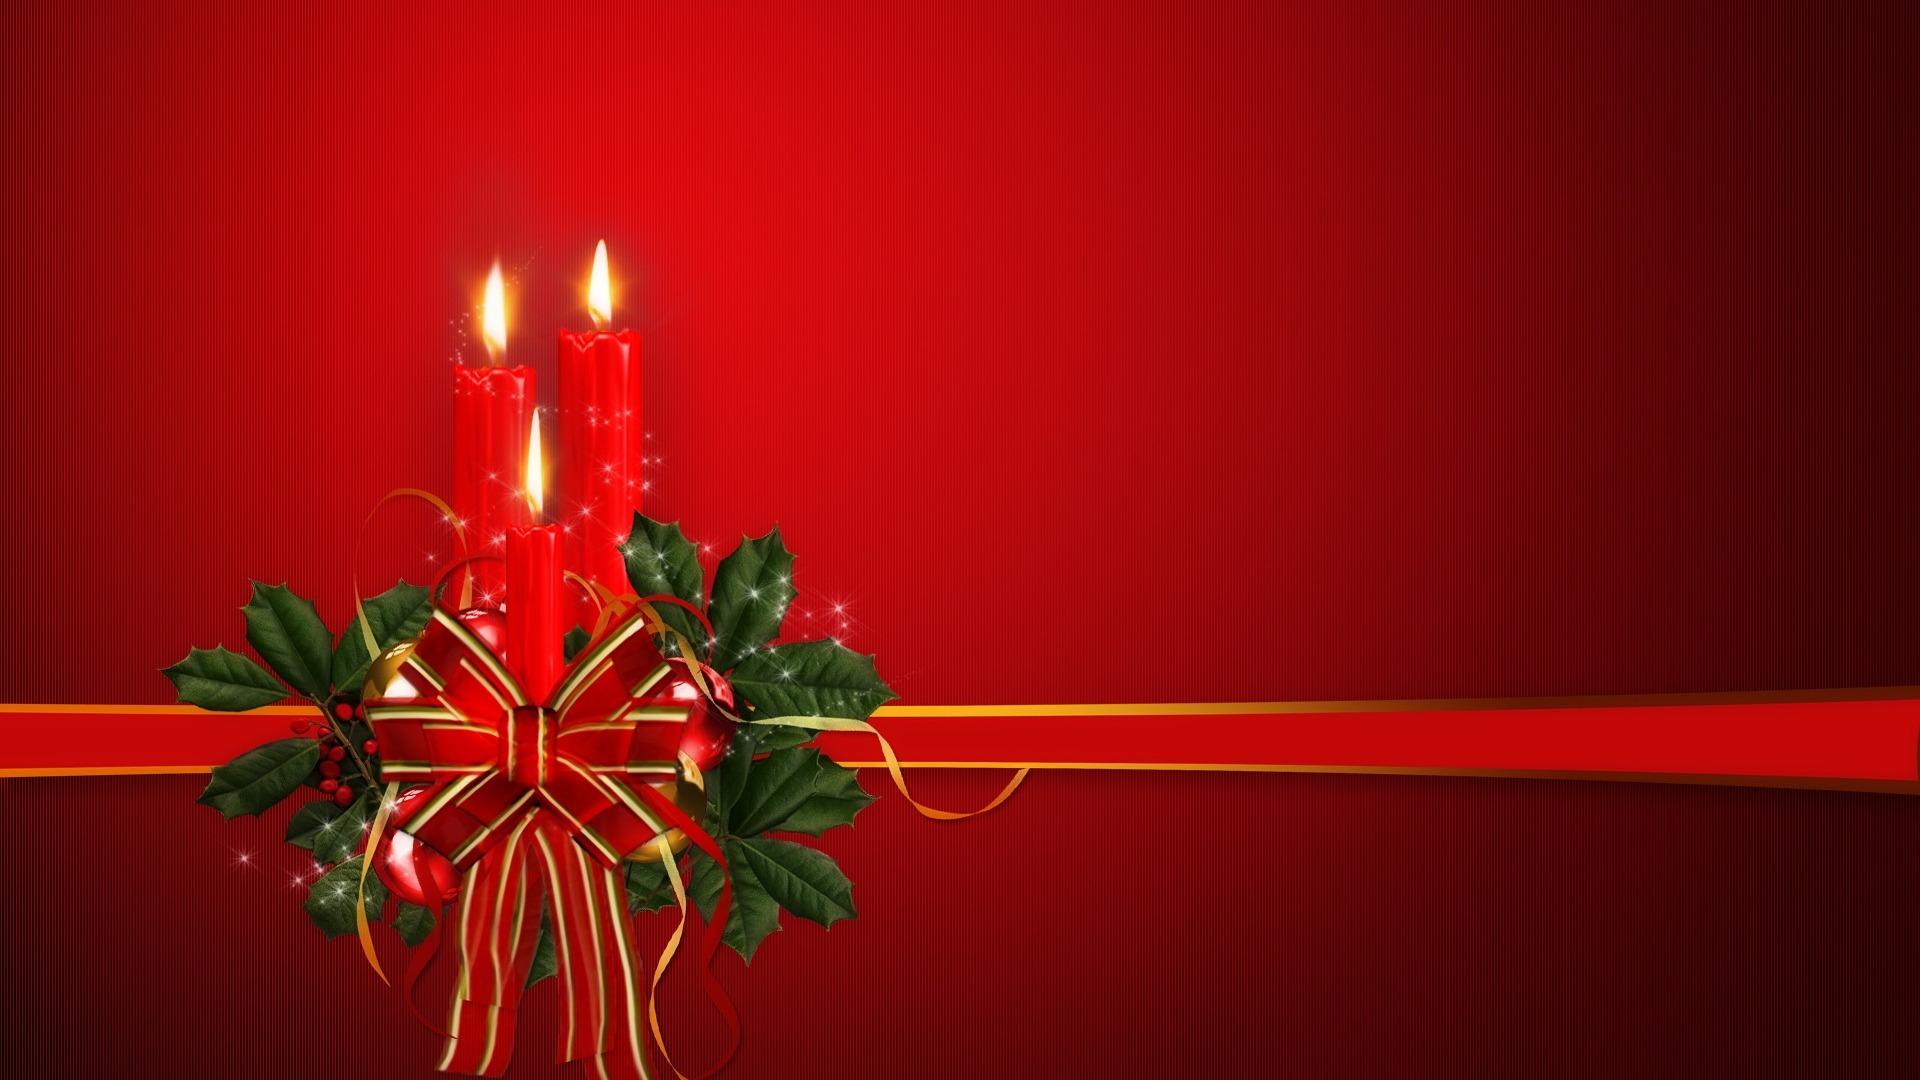 Weihnachten Hd Bilder.Weihnachten Hd Wallpapers 30 1920x1080 Wallpaper Herunterladen